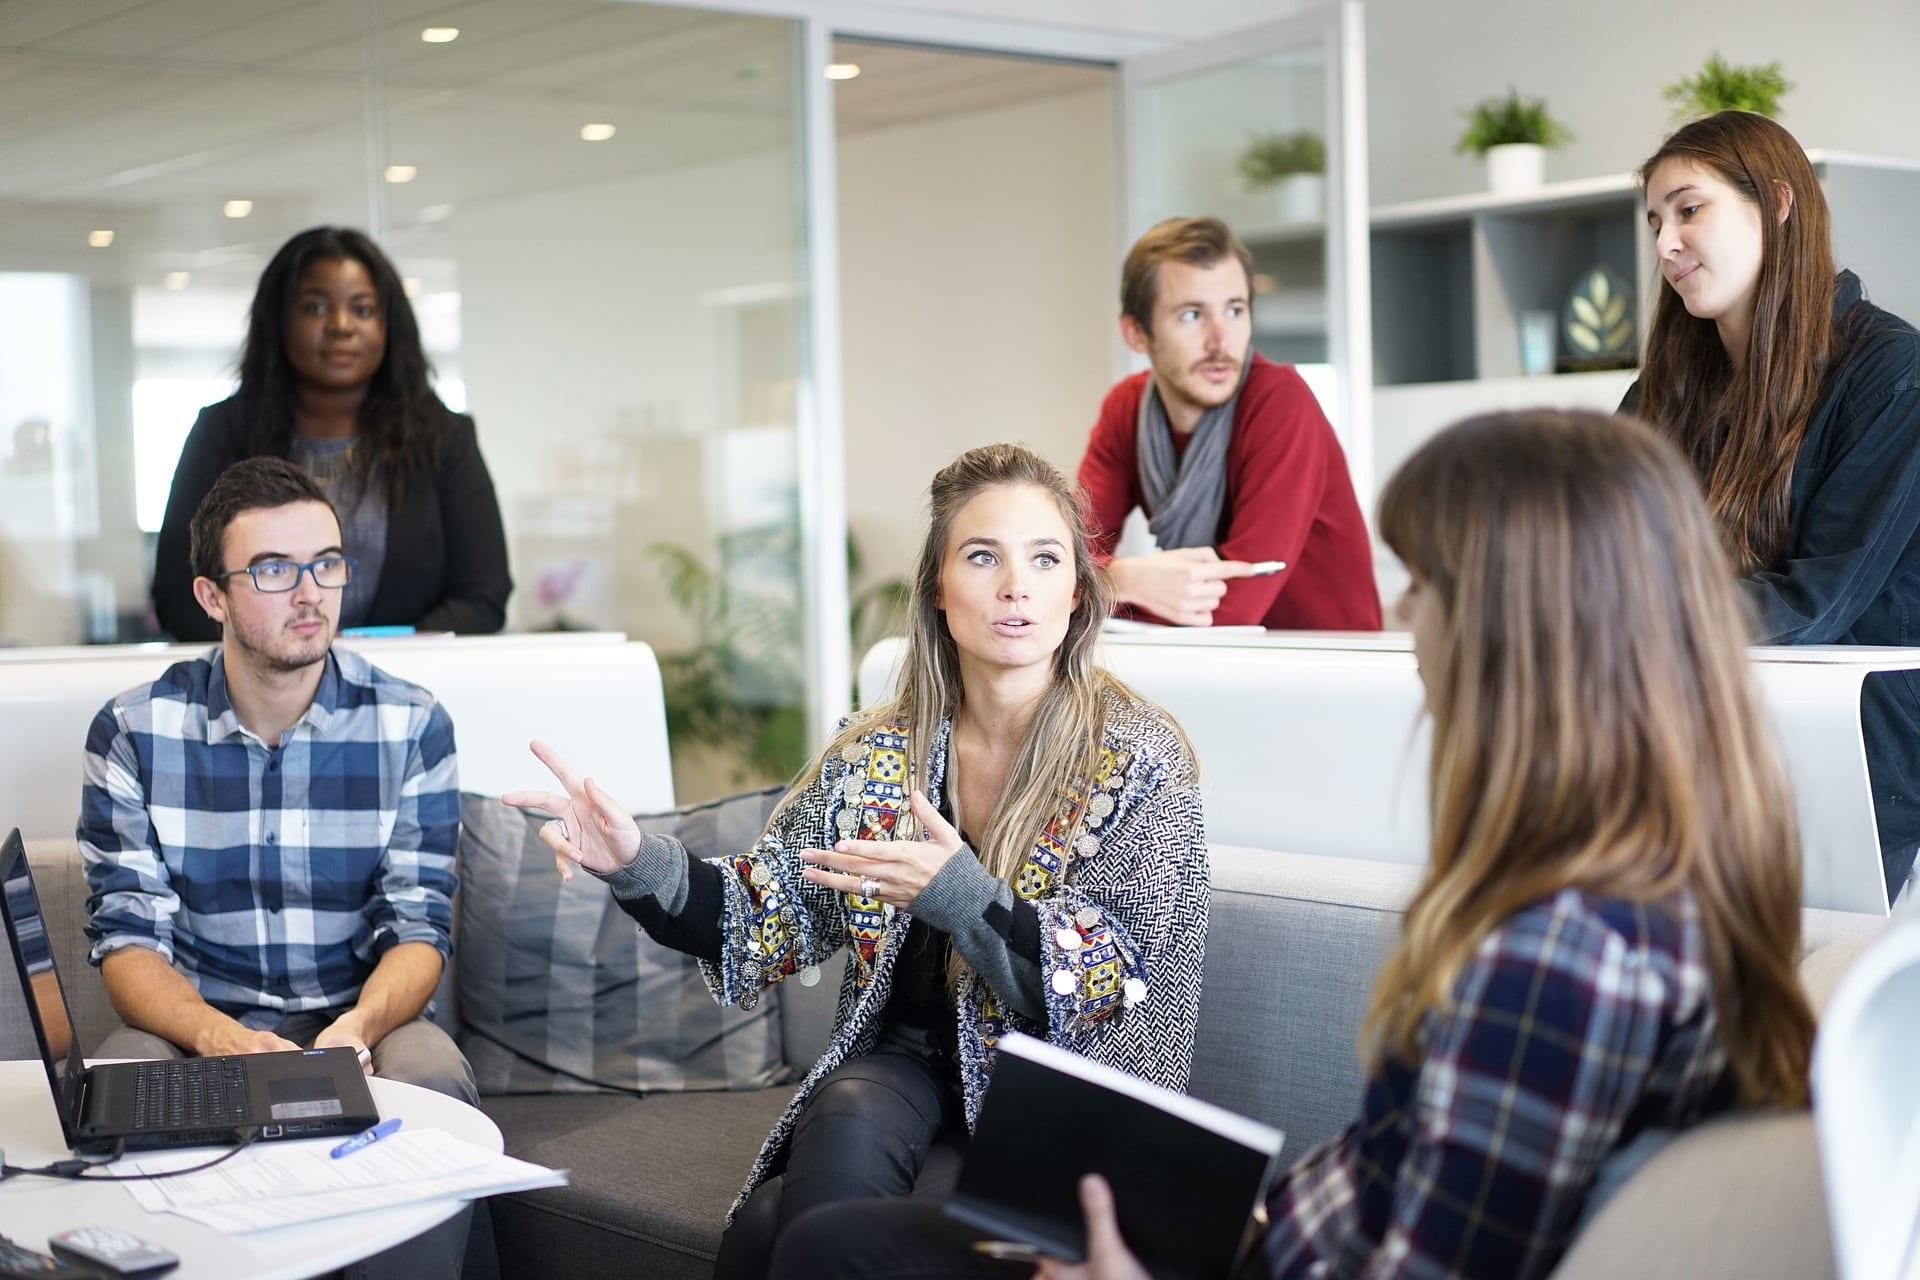 Mit Employer Branding lernen ihre potentiellen Kandidaten bereits die künftigen Kollegen kennen